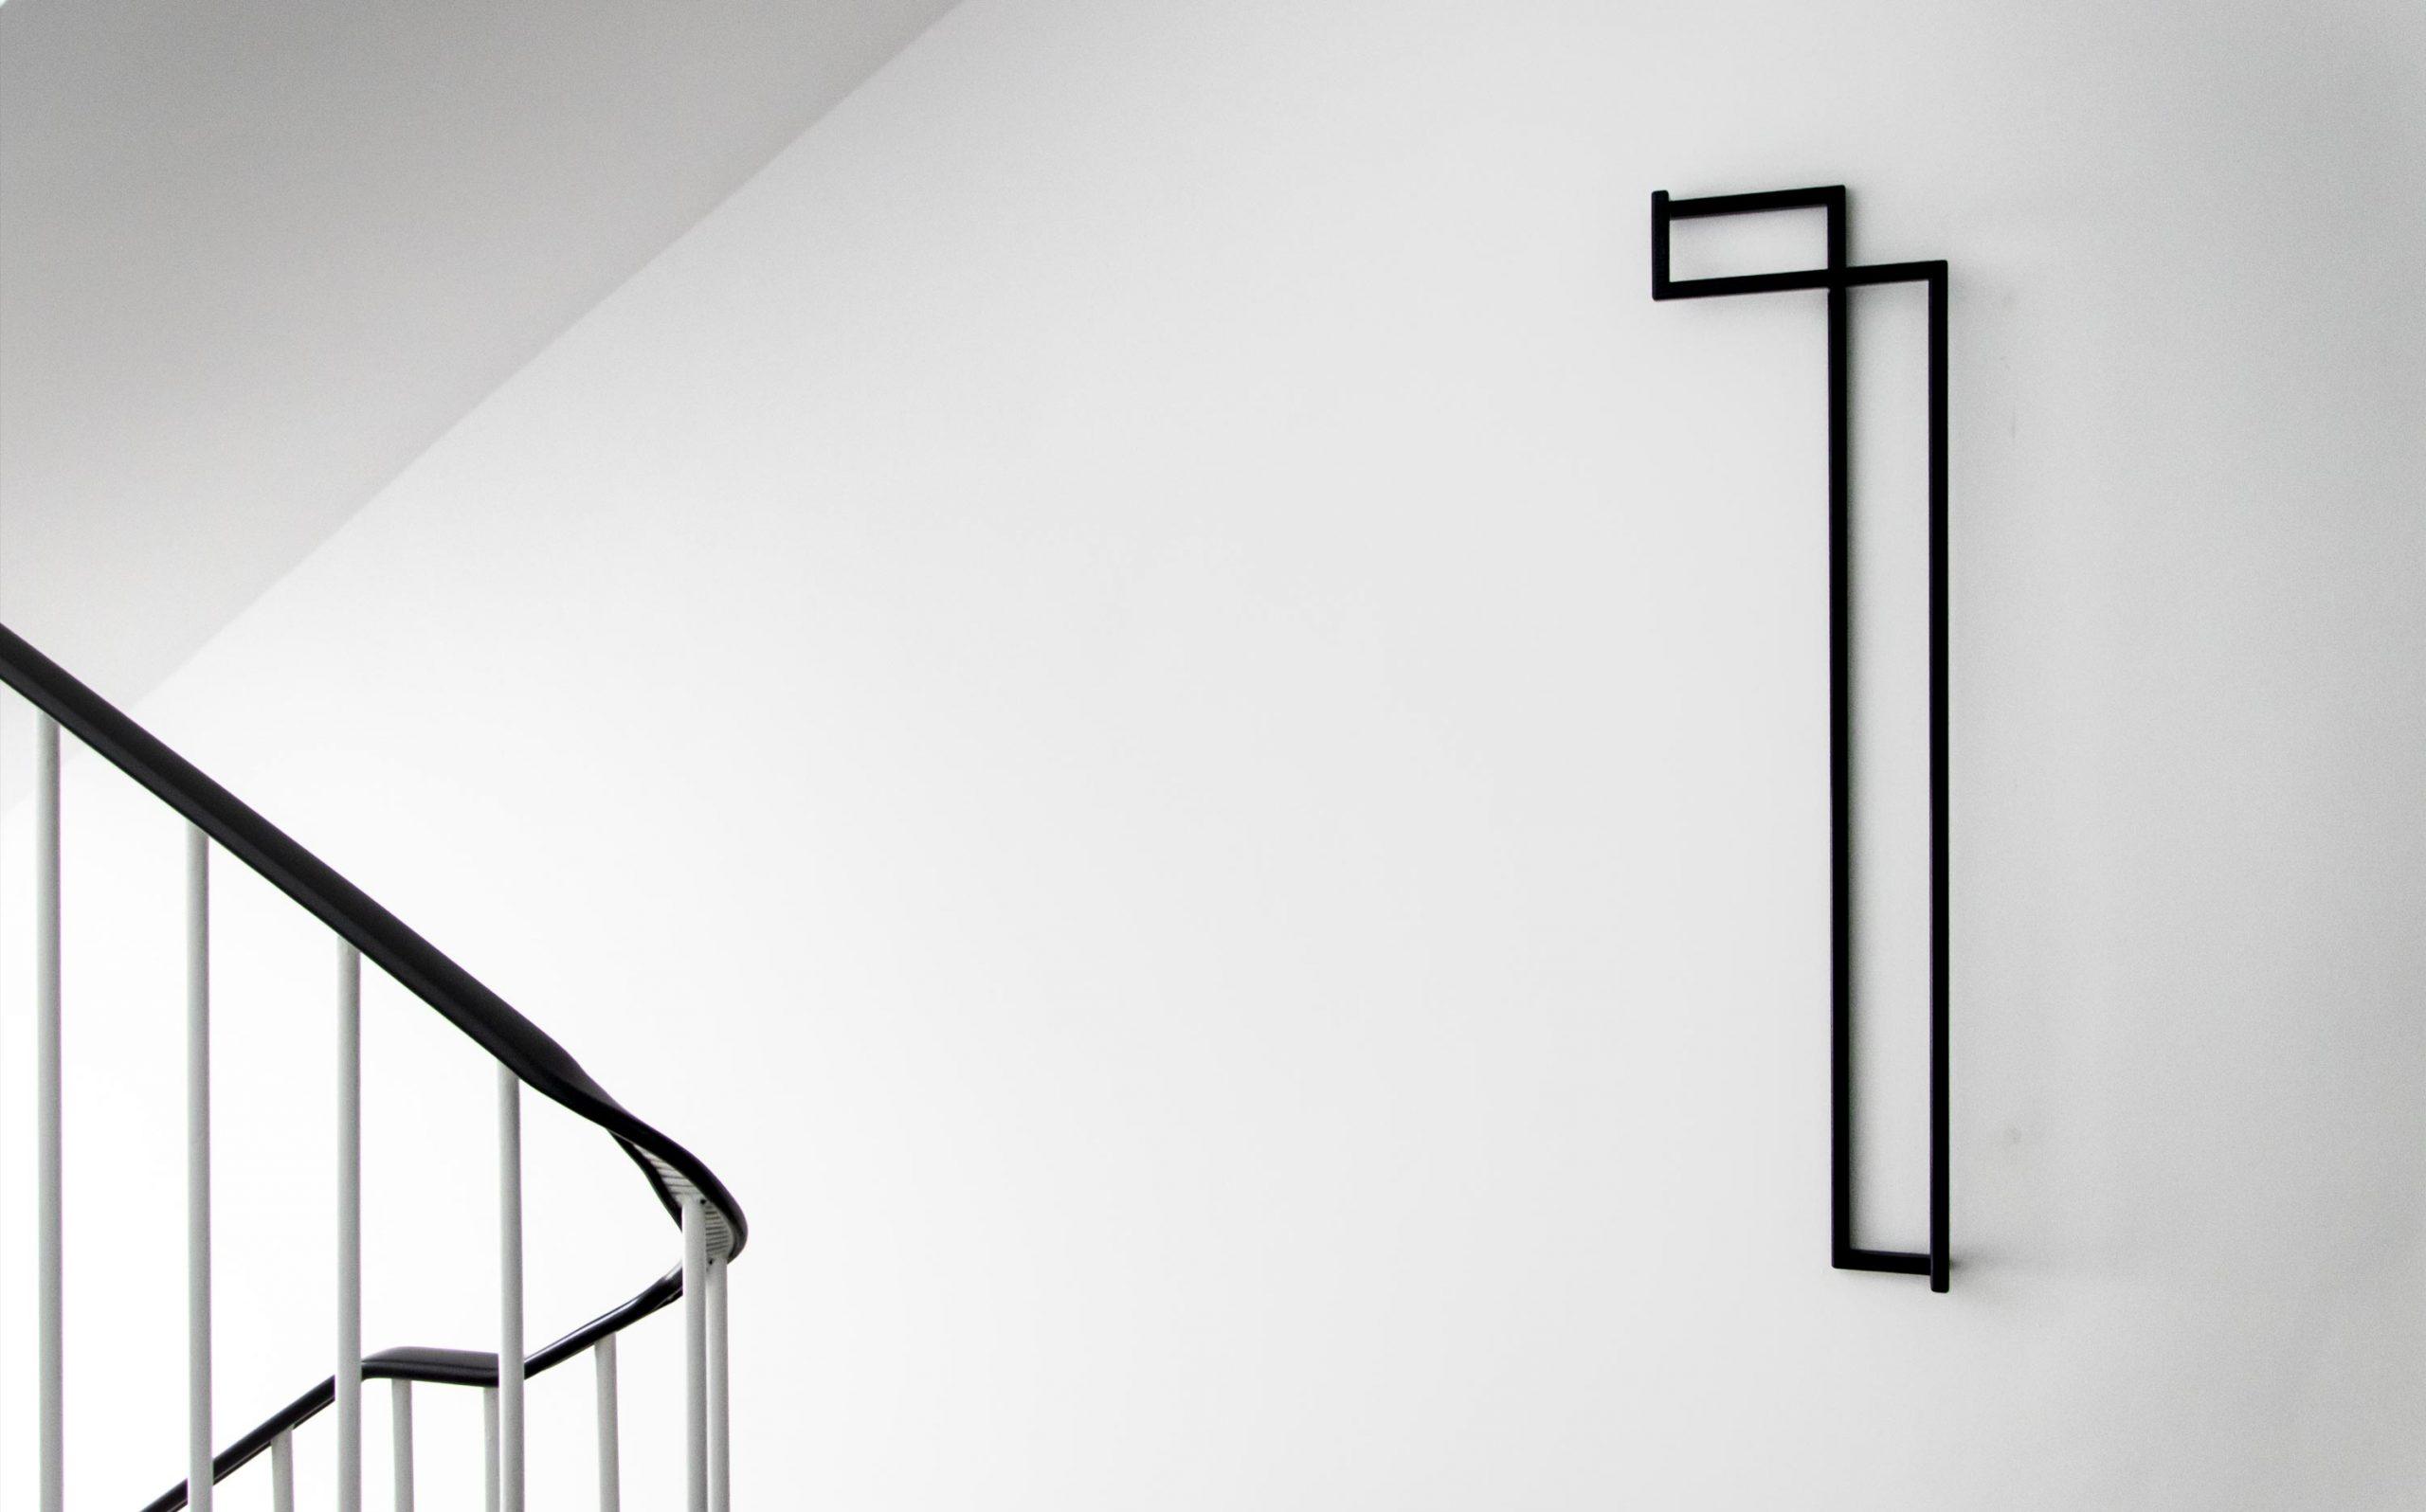 Etagenkennzeichnung für das Rechenzentrum der Finanzverwaltung des Landes Nordrhein-Westfalen   Etagenziffer OG1   Keywords: Etagenkennzeichnung, Signaletik, Leitsystem, Orientierungssystem, Design, Grafikdesign, Typografie